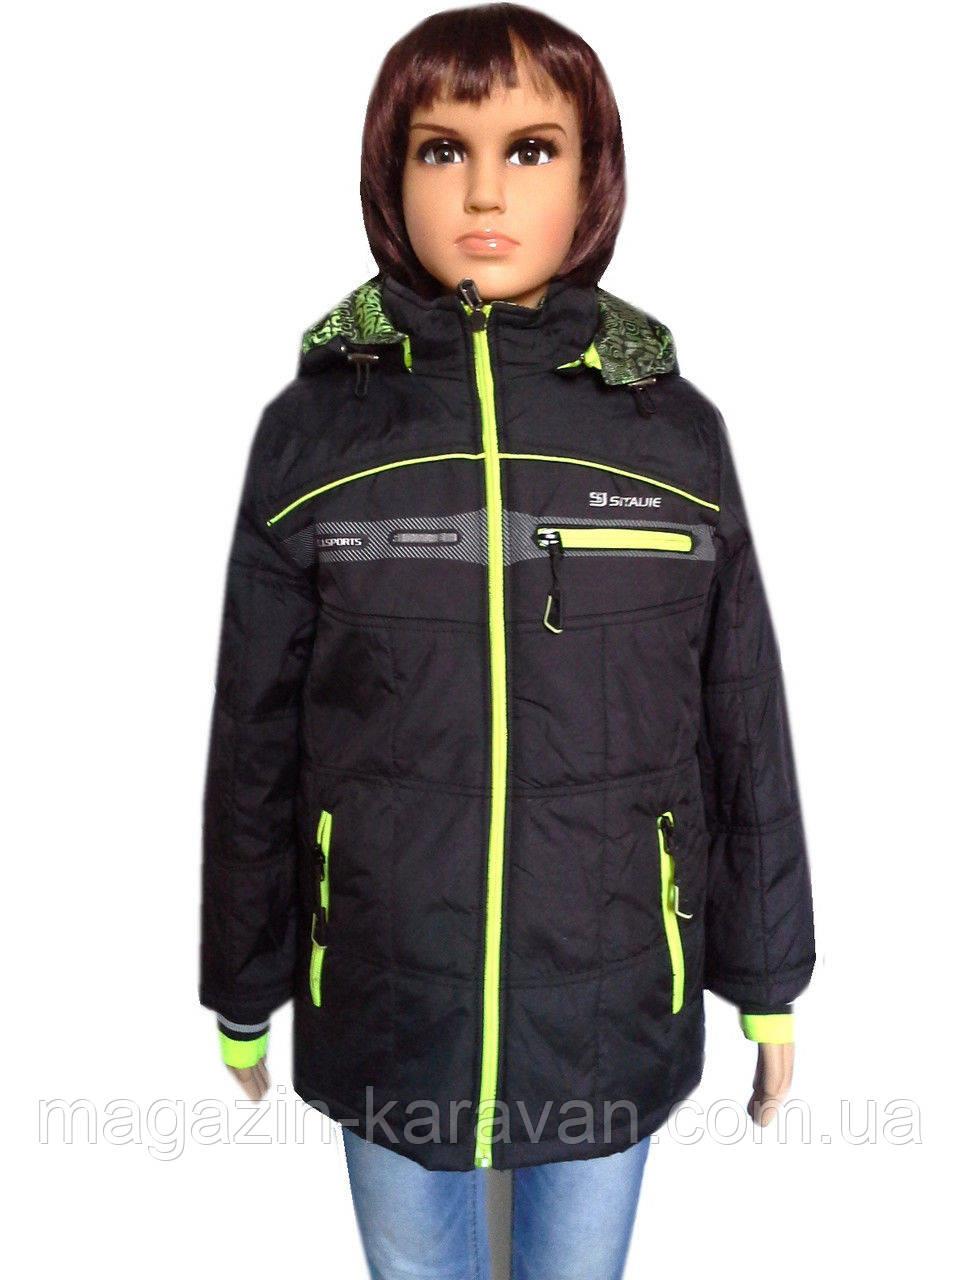 Модная куртка на мальчика осенняя